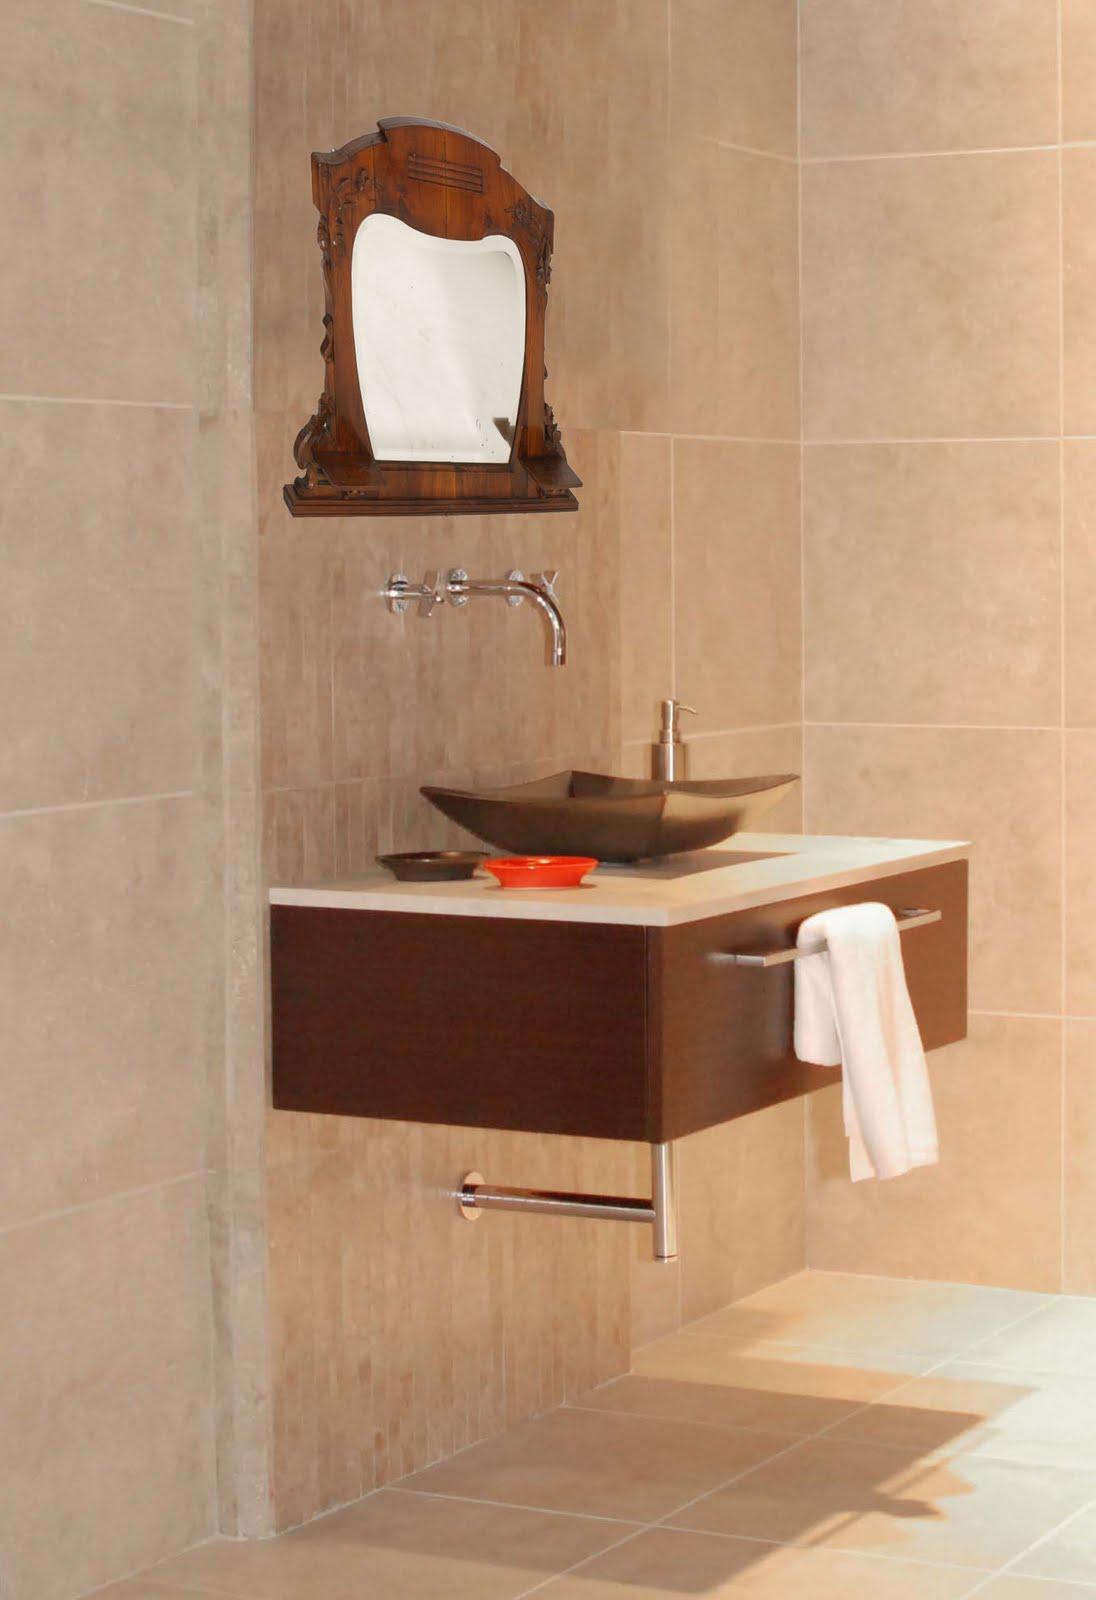 Specchiera bagno specchio art nouveau for Specchio design bagno